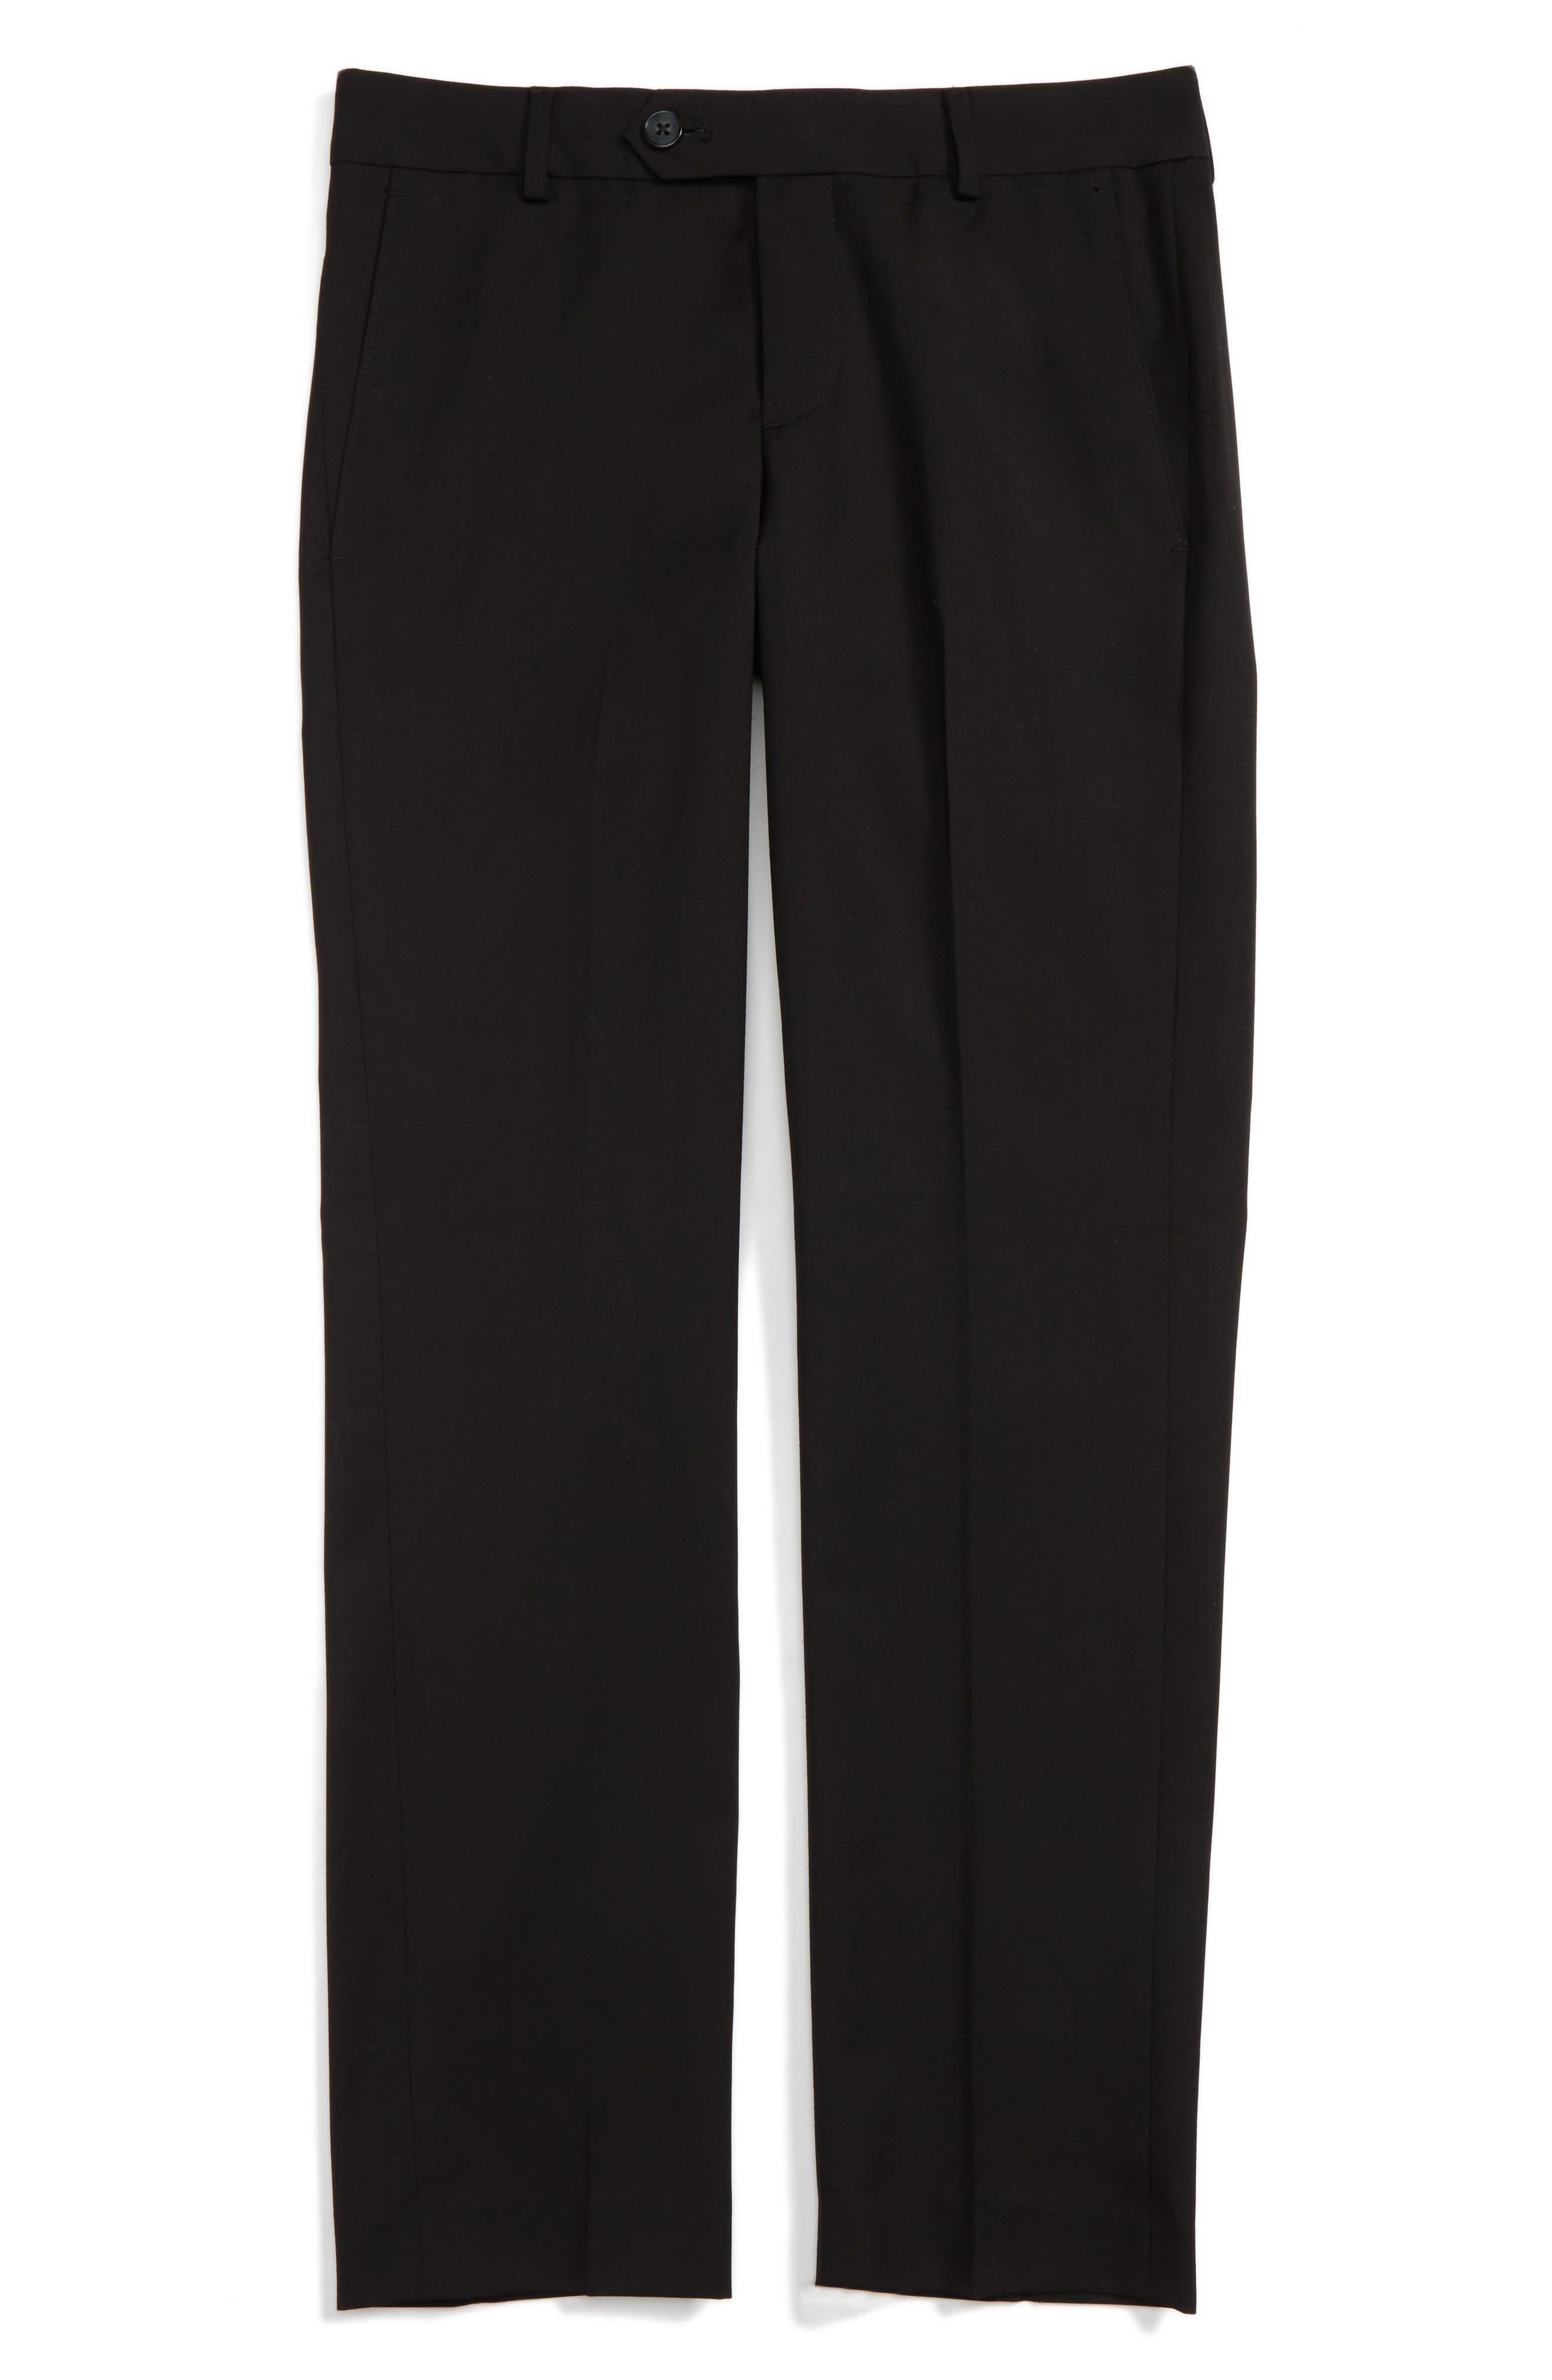 Elliott Slim Fit Flat Front Trousers,                         Main,                         color, BLACK